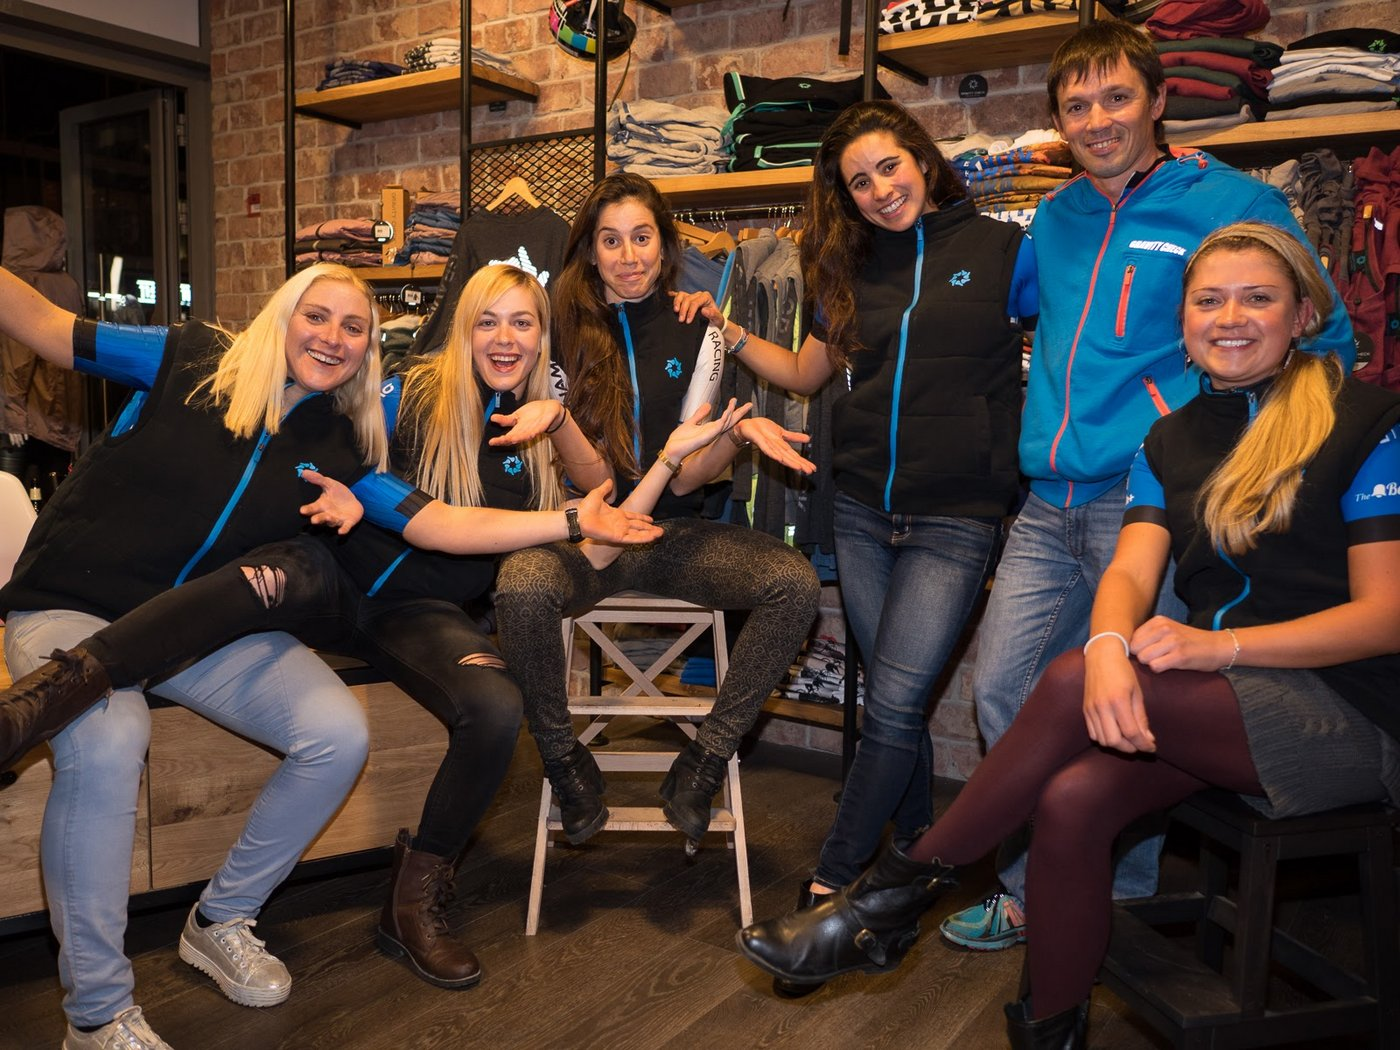 תמונה: ויקטור עם נבחרת הנשים עילית של דינמו רייסינג